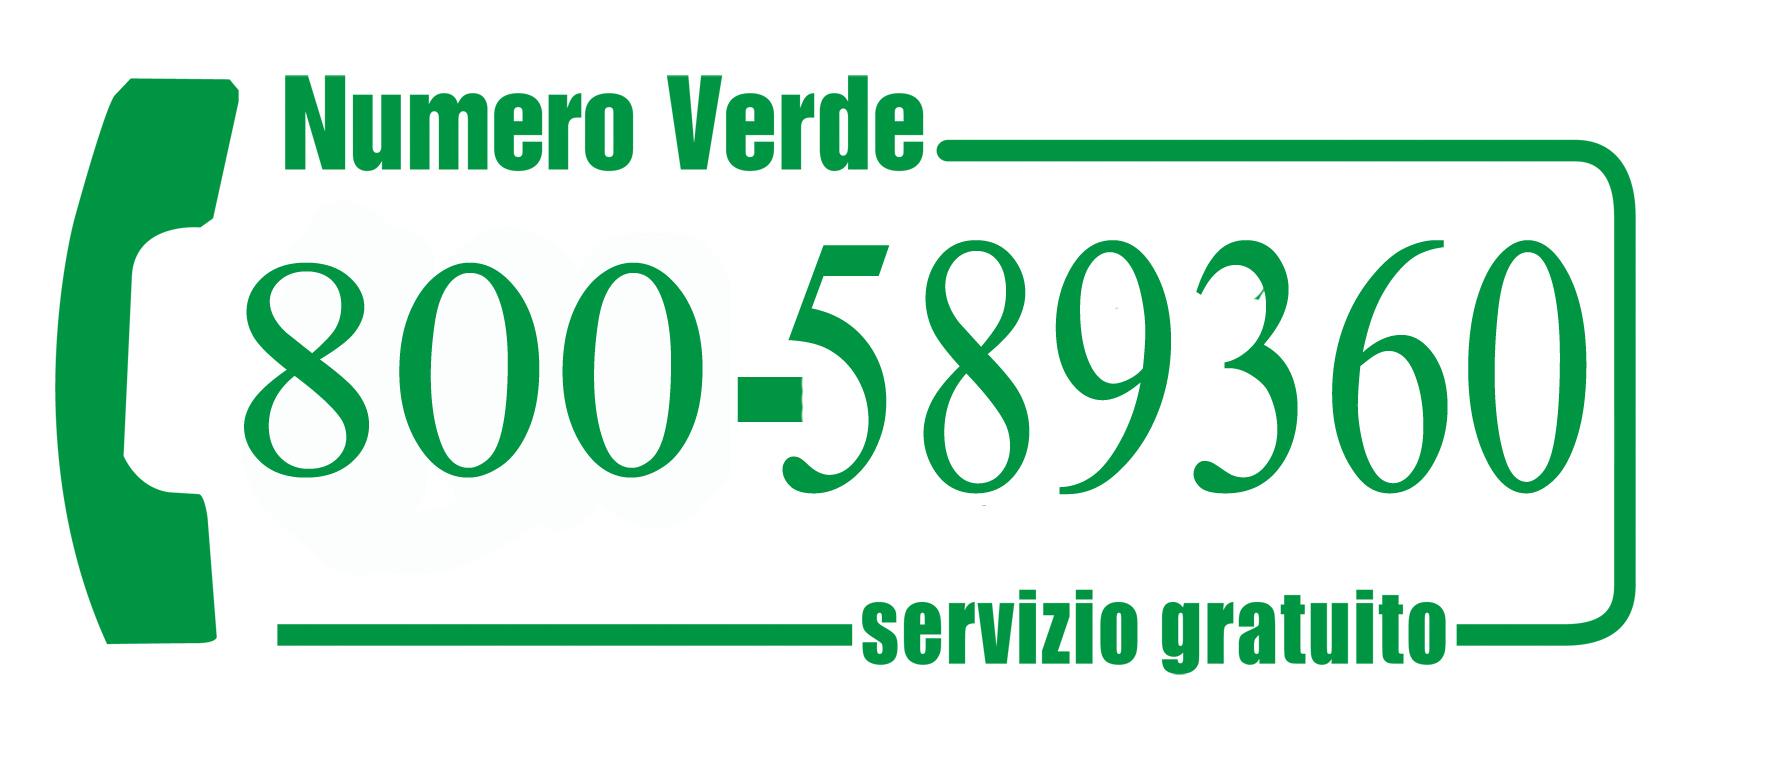 Termini di vendita - Numero verde poltronesofa ...